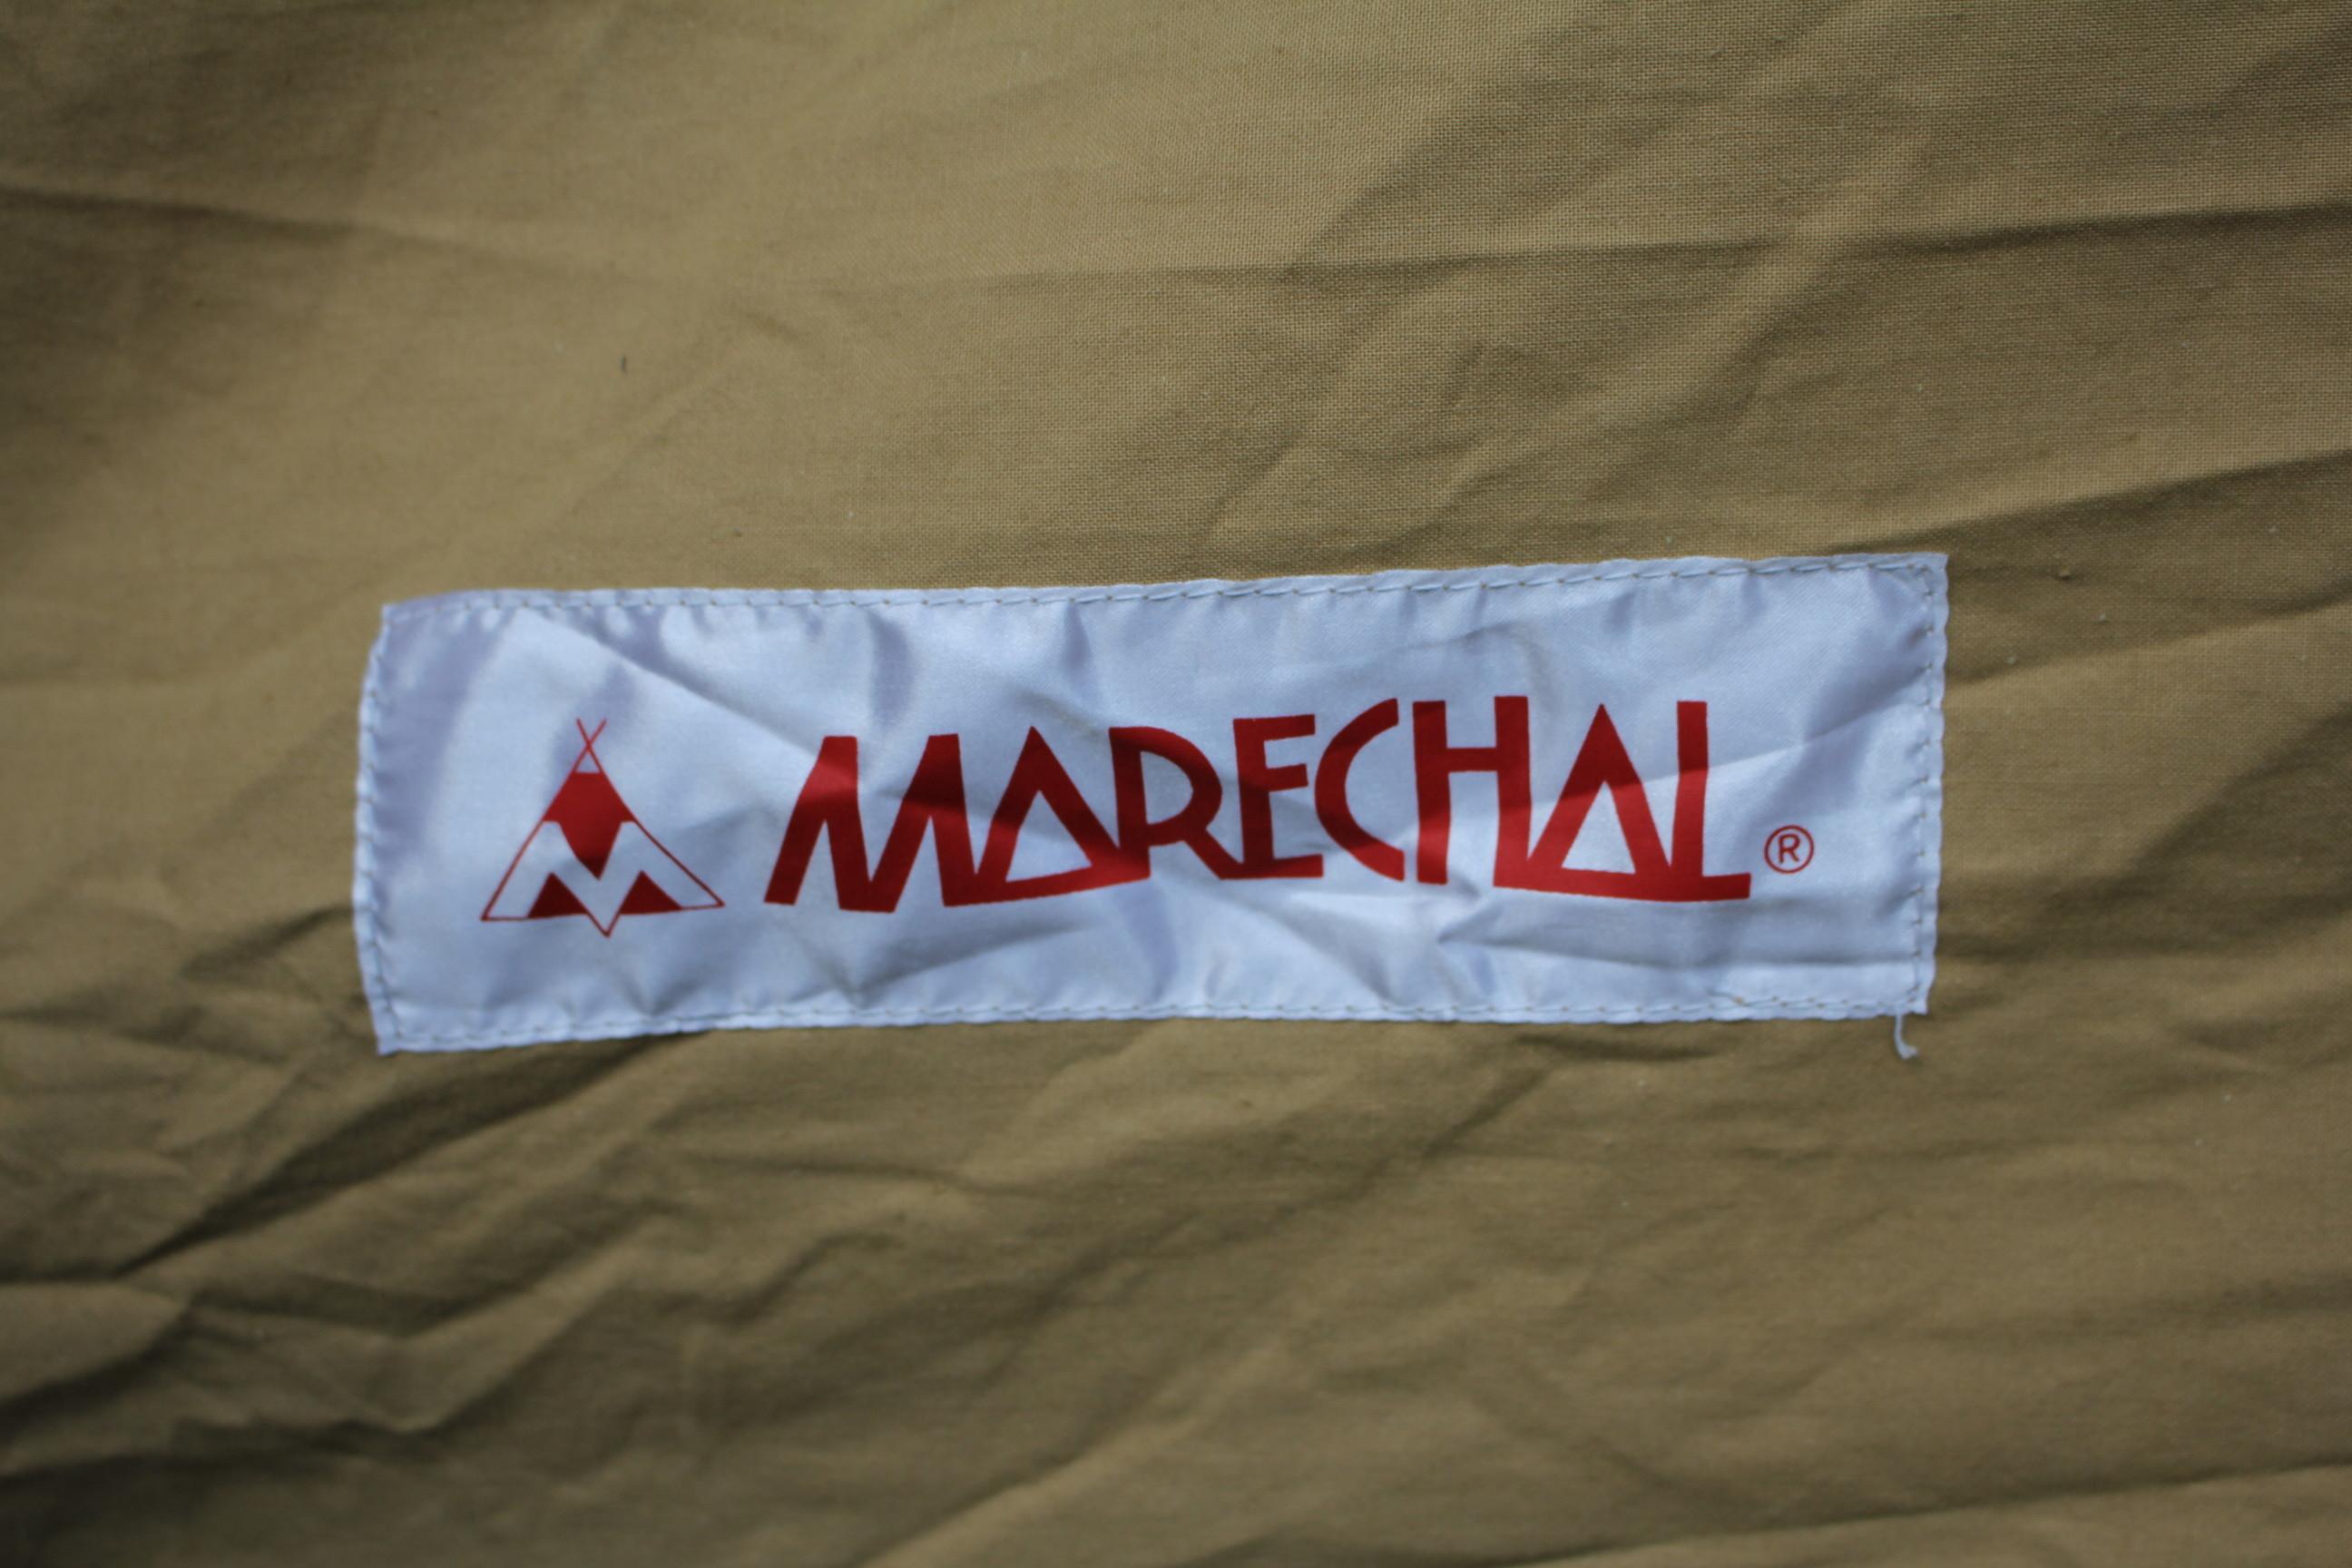 マルシャル コンパクトラックス6 フルコットン ロッジテント ヴィンテージ幕 フレームテント Marechal Compact Luxe 6